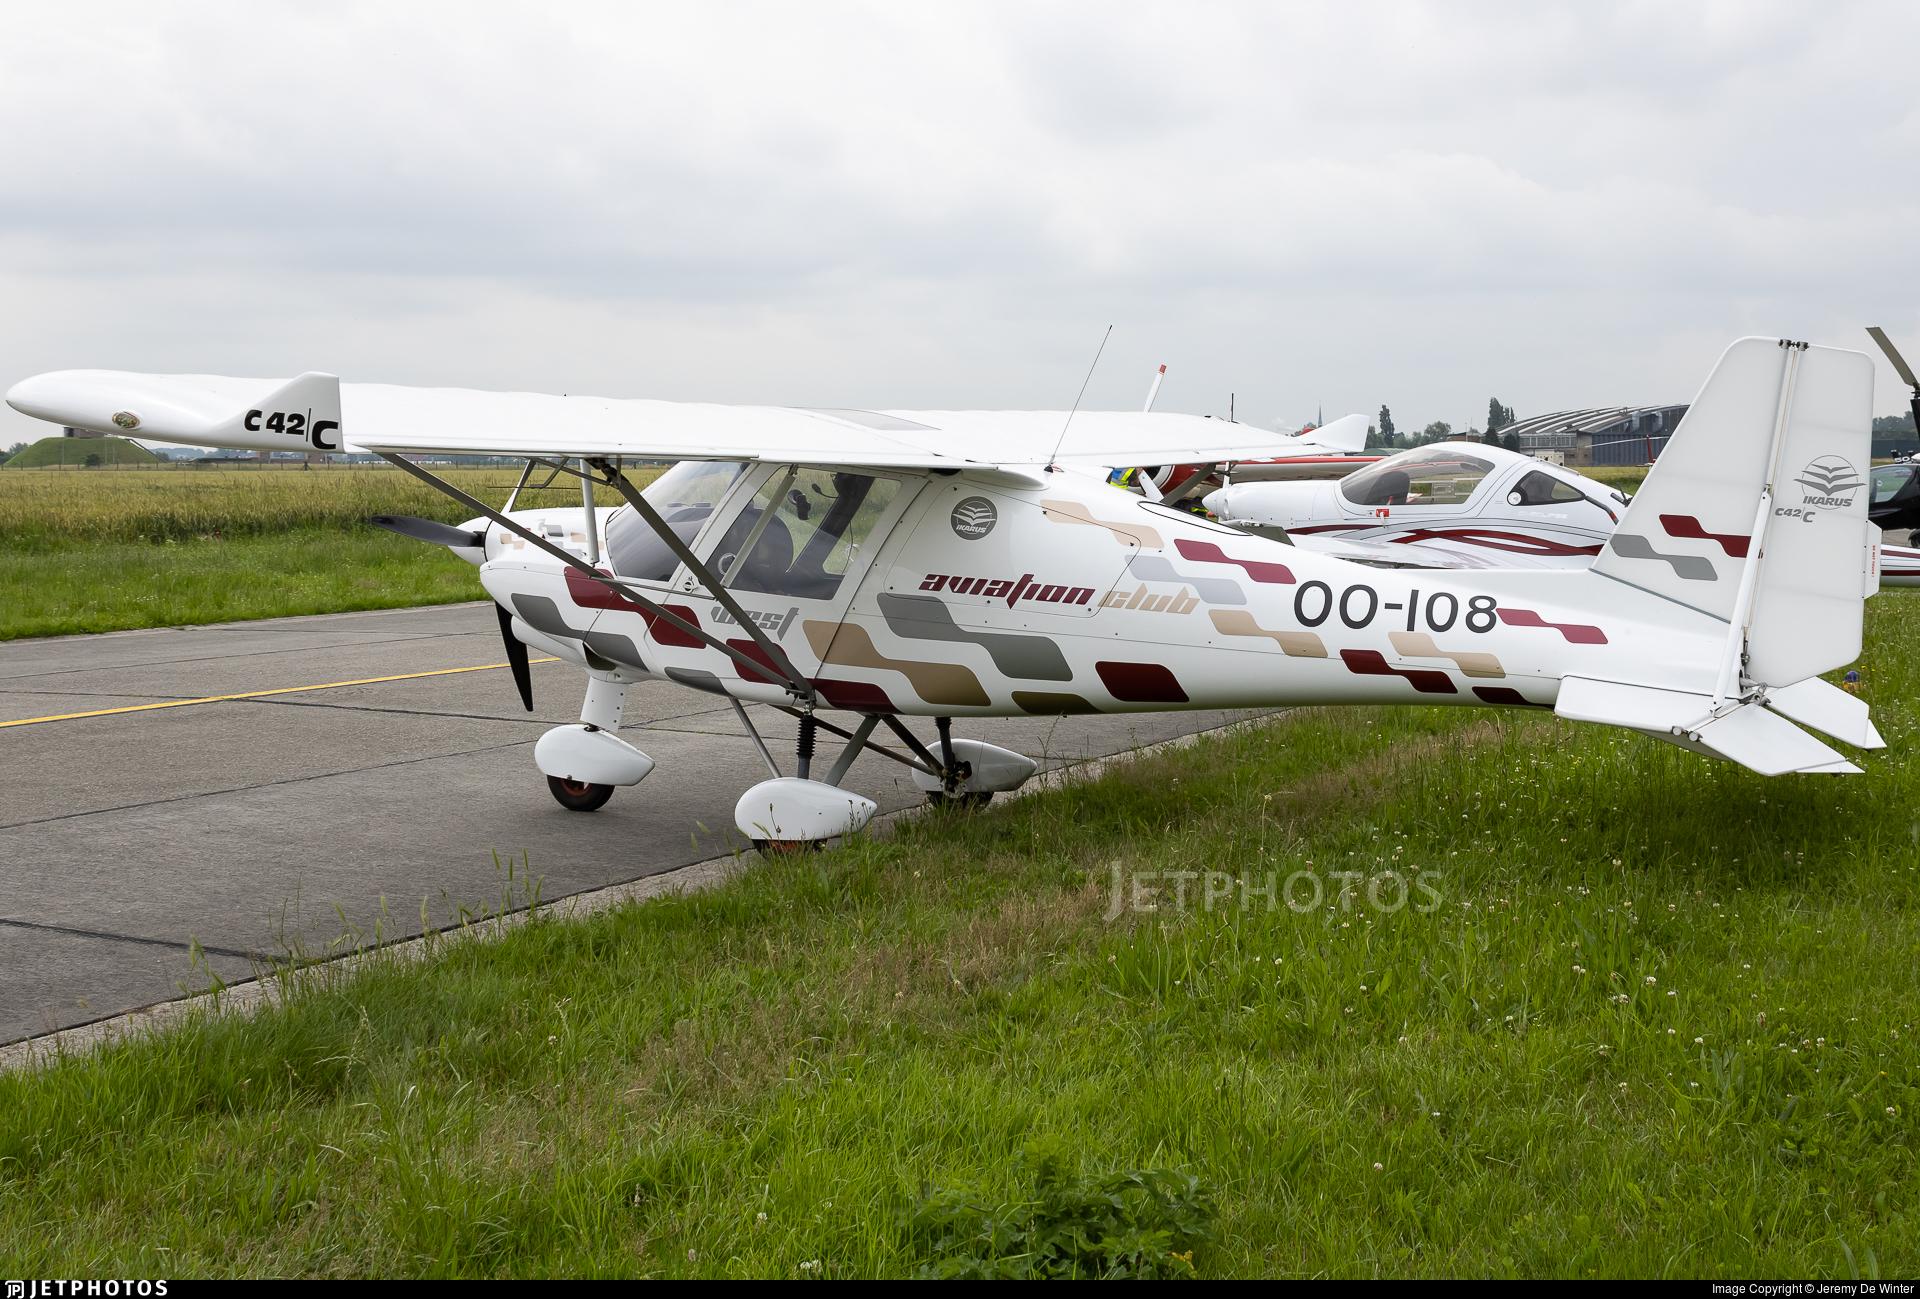 OO-108 - Ikarus C-42C - Private